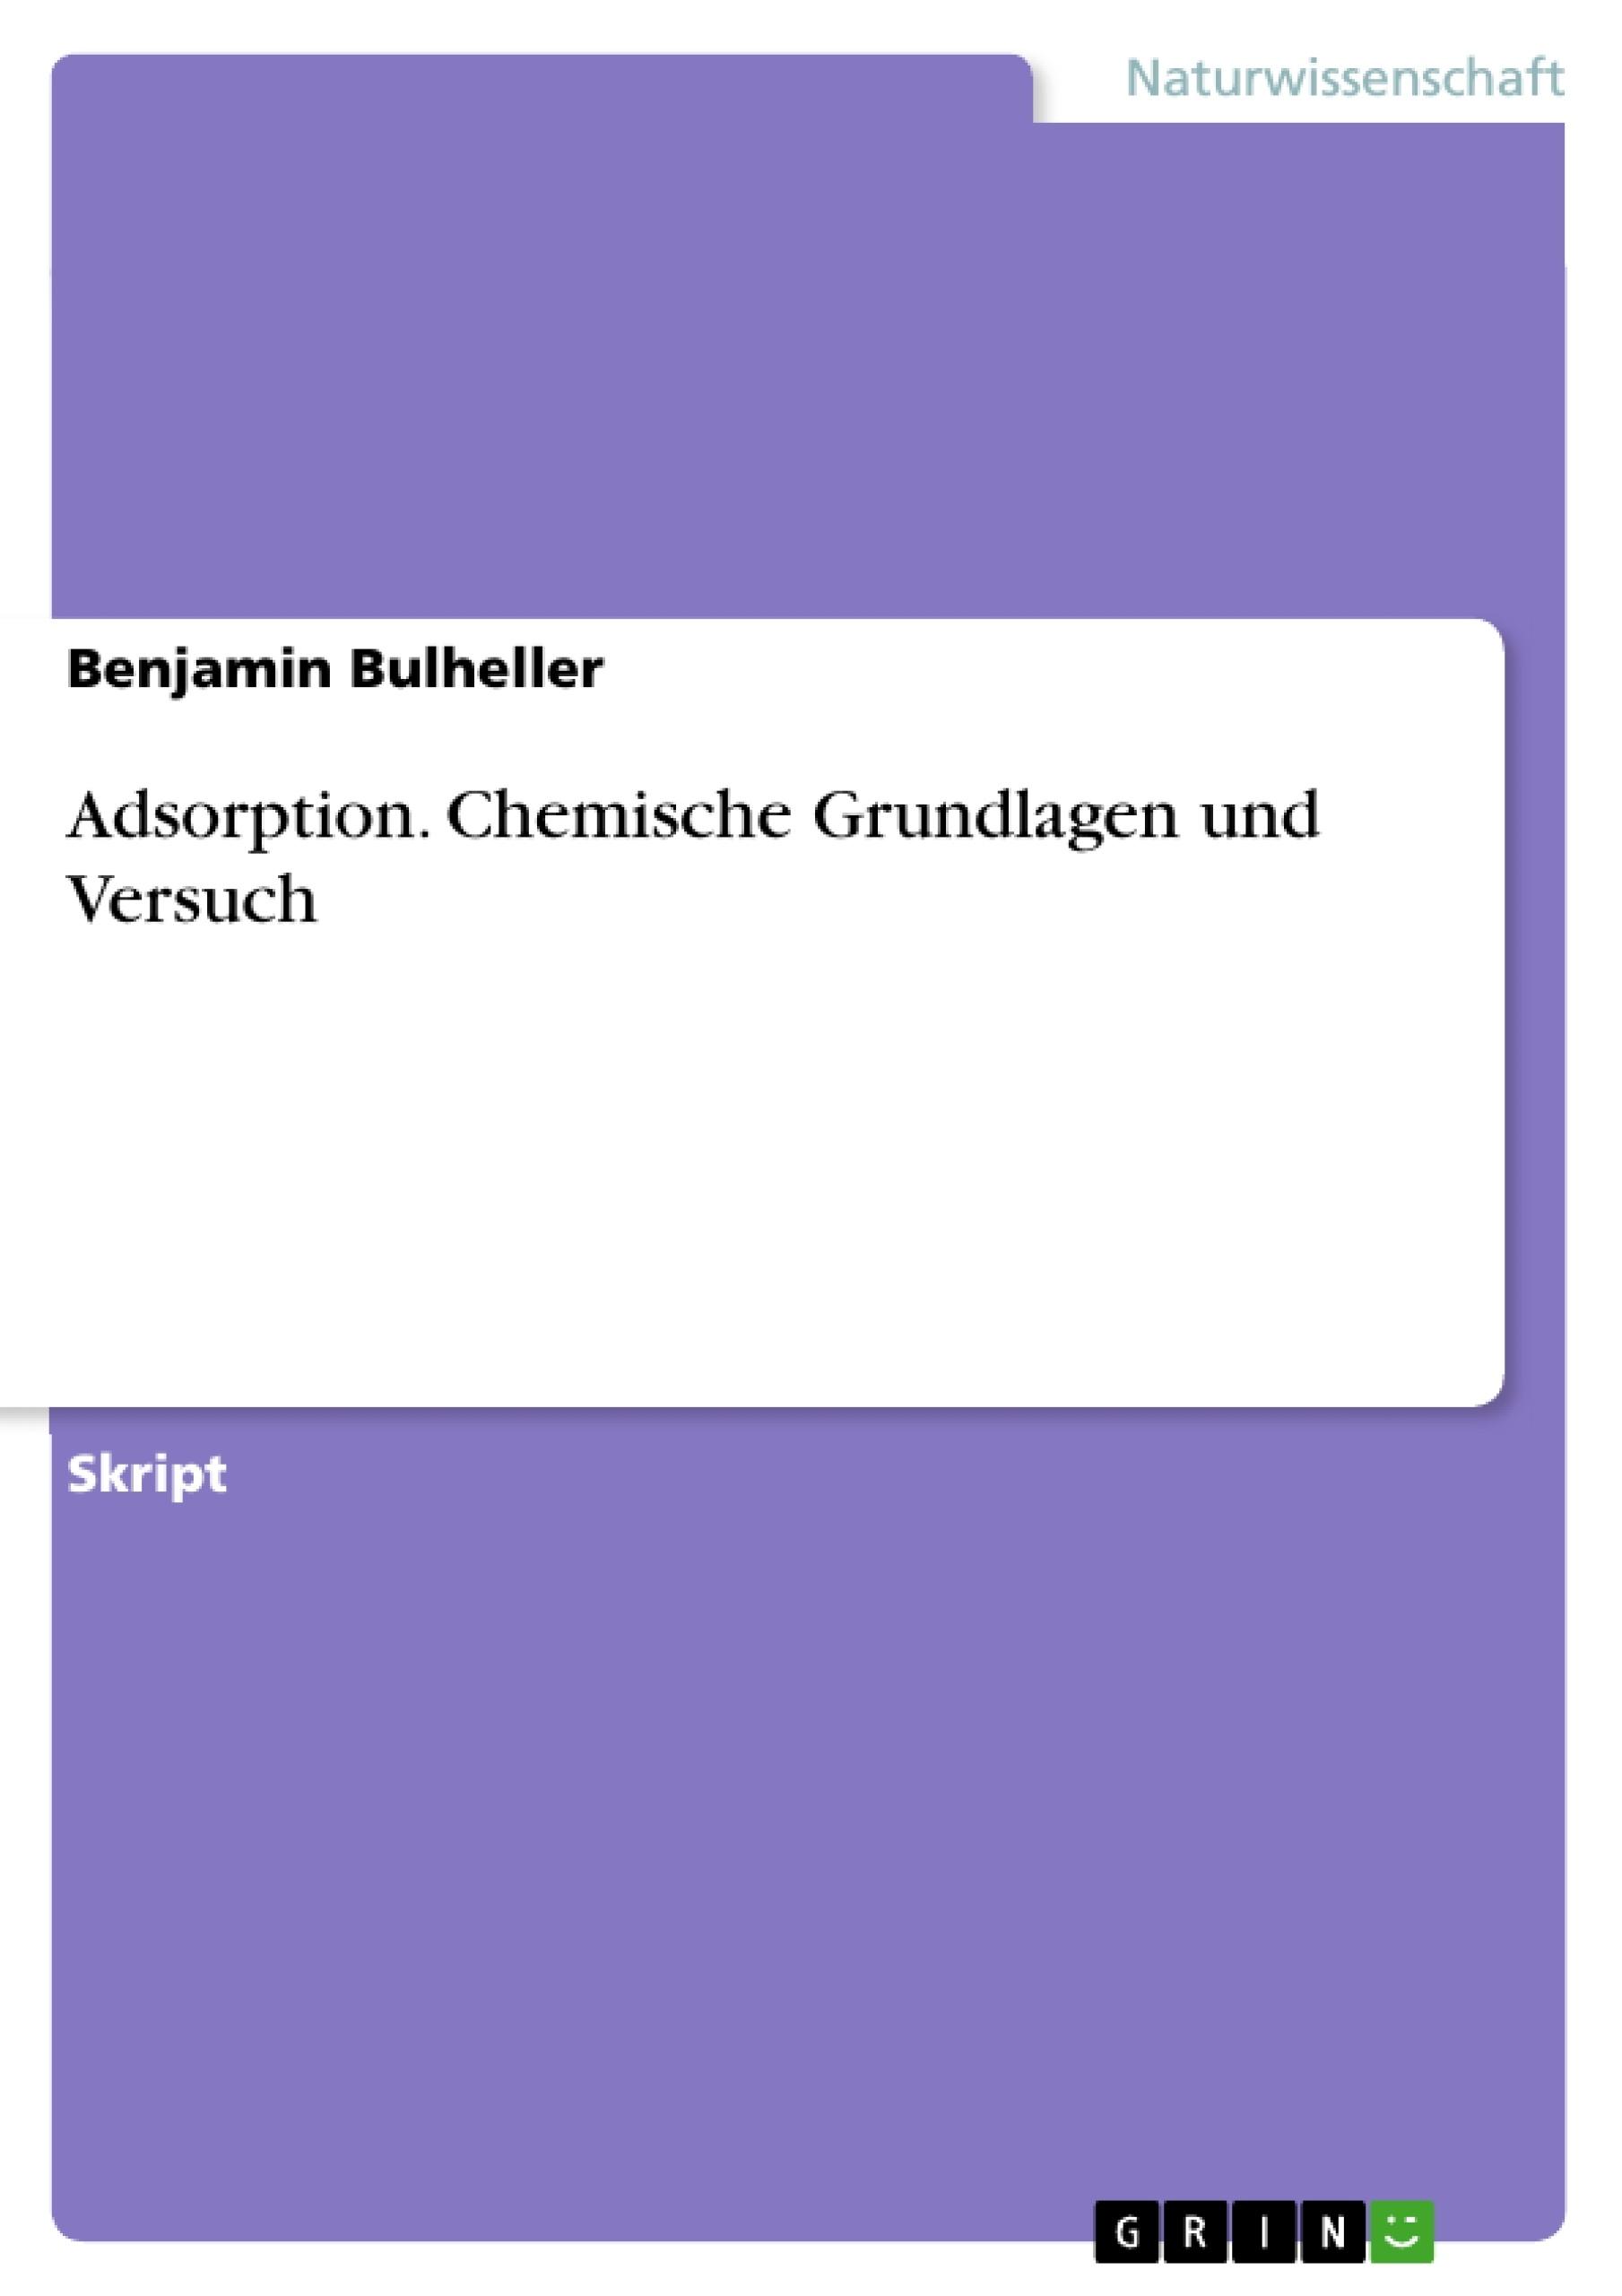 Titel: Adsorption. Chemische Grundlagen und Versuch